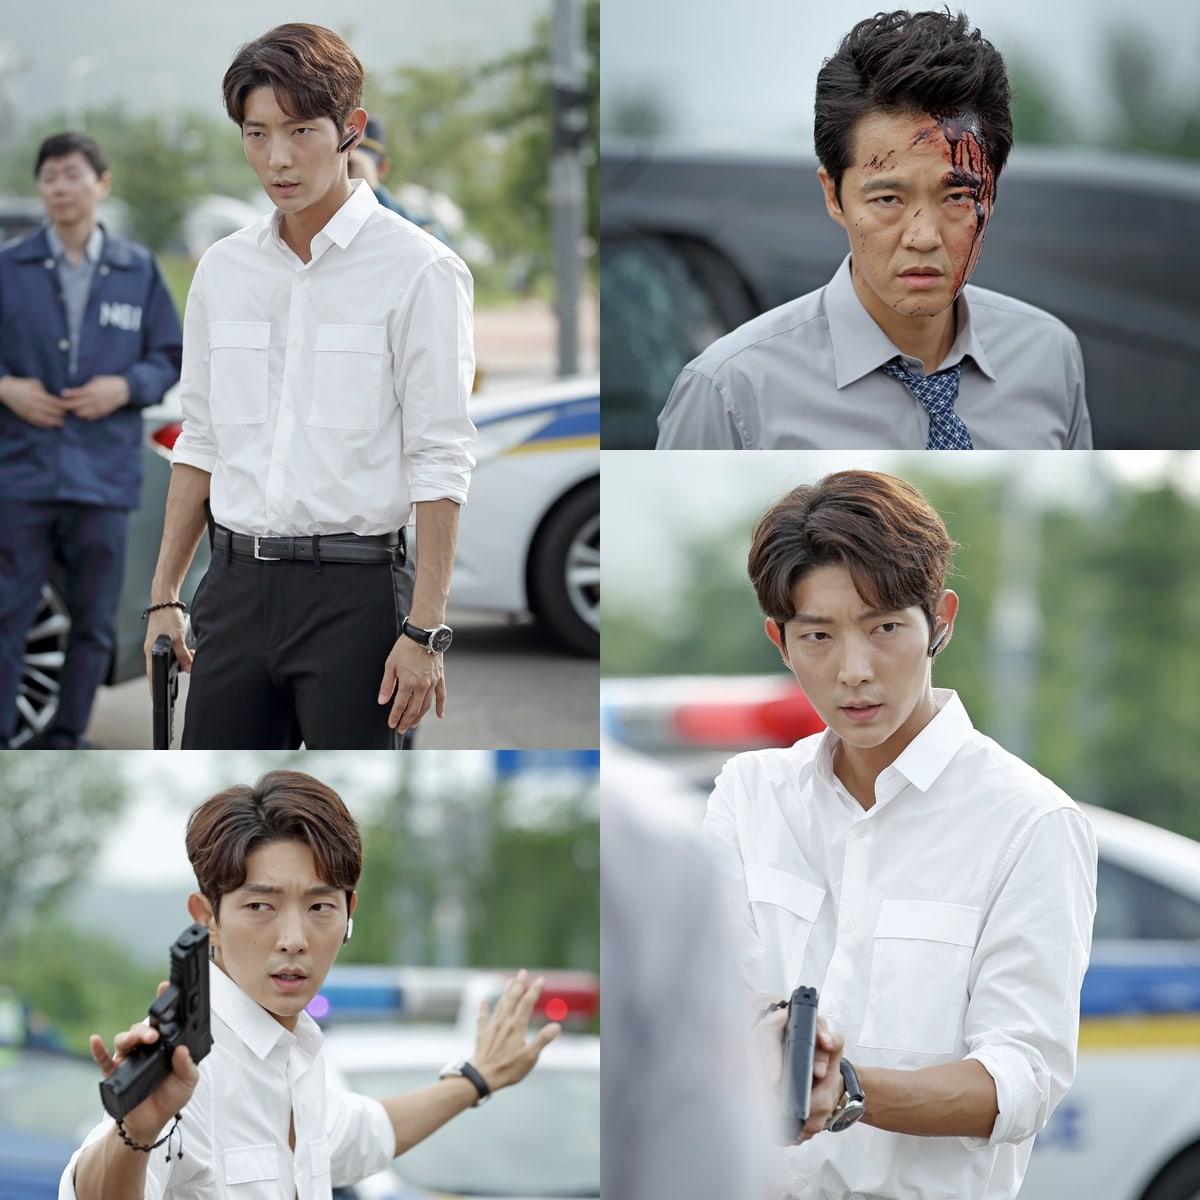 """Lee Joon Gi Is Cool Under Pressure During Dangerous Case In """"Criminal Minds"""" Stills"""